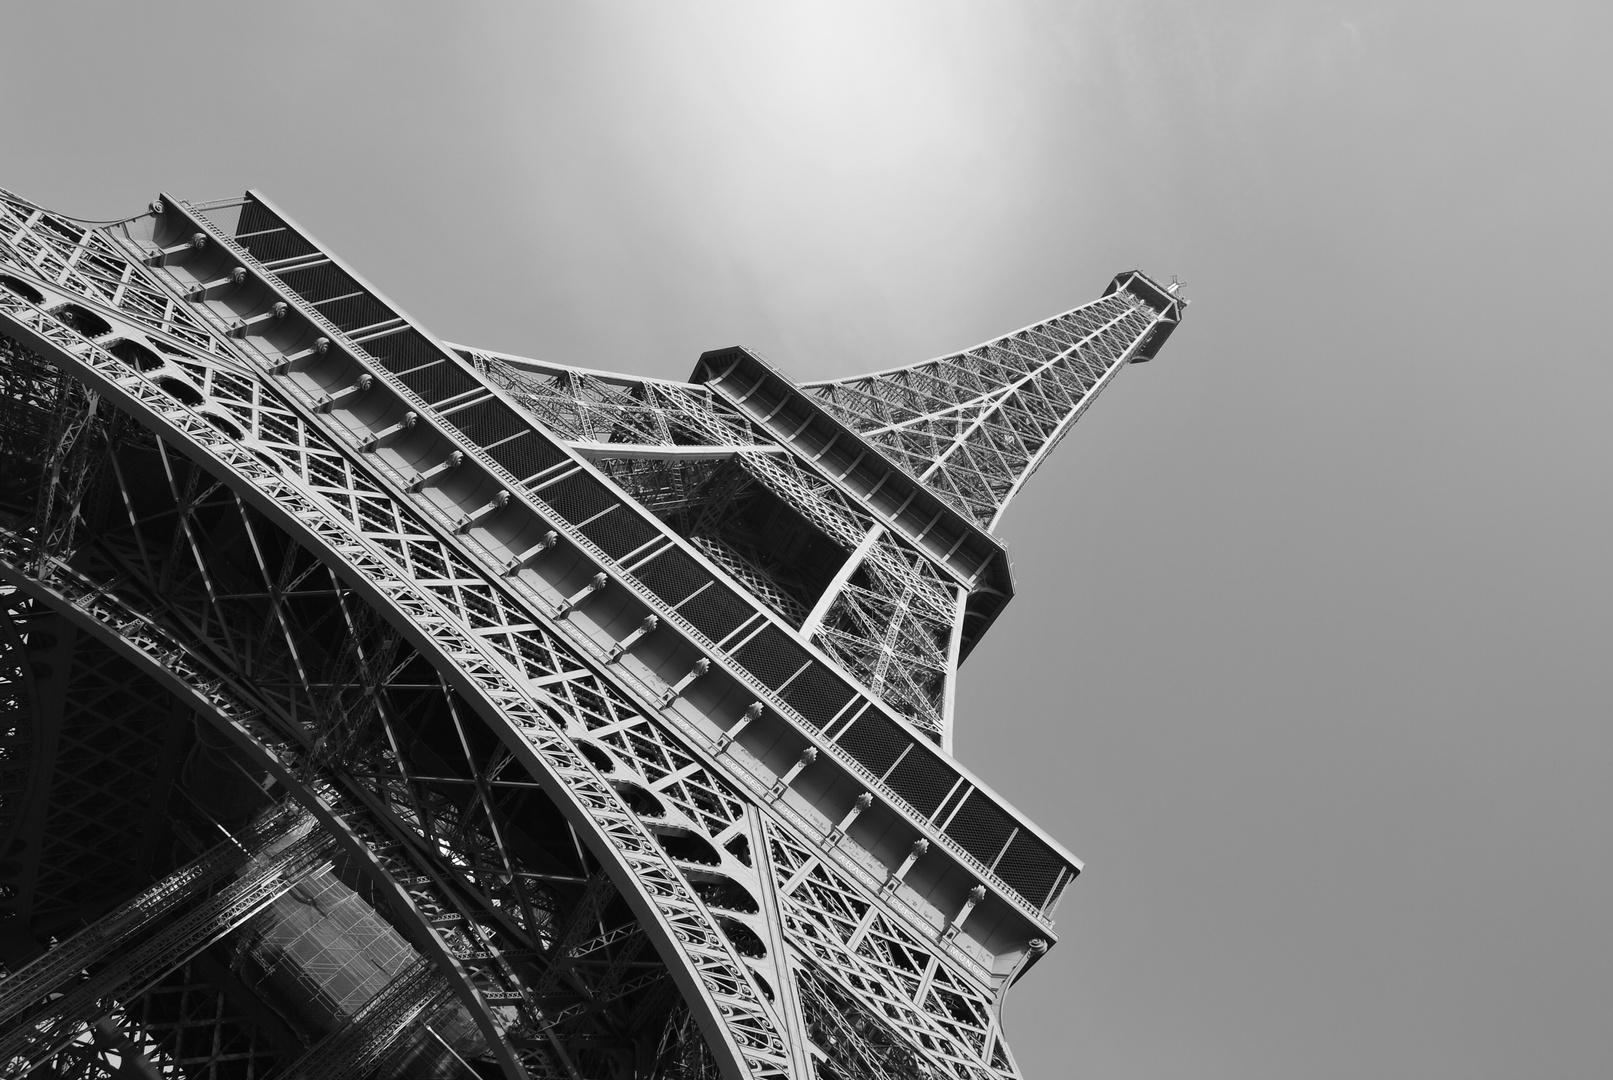 Le tour Eiffel aus einer anderen Sicht